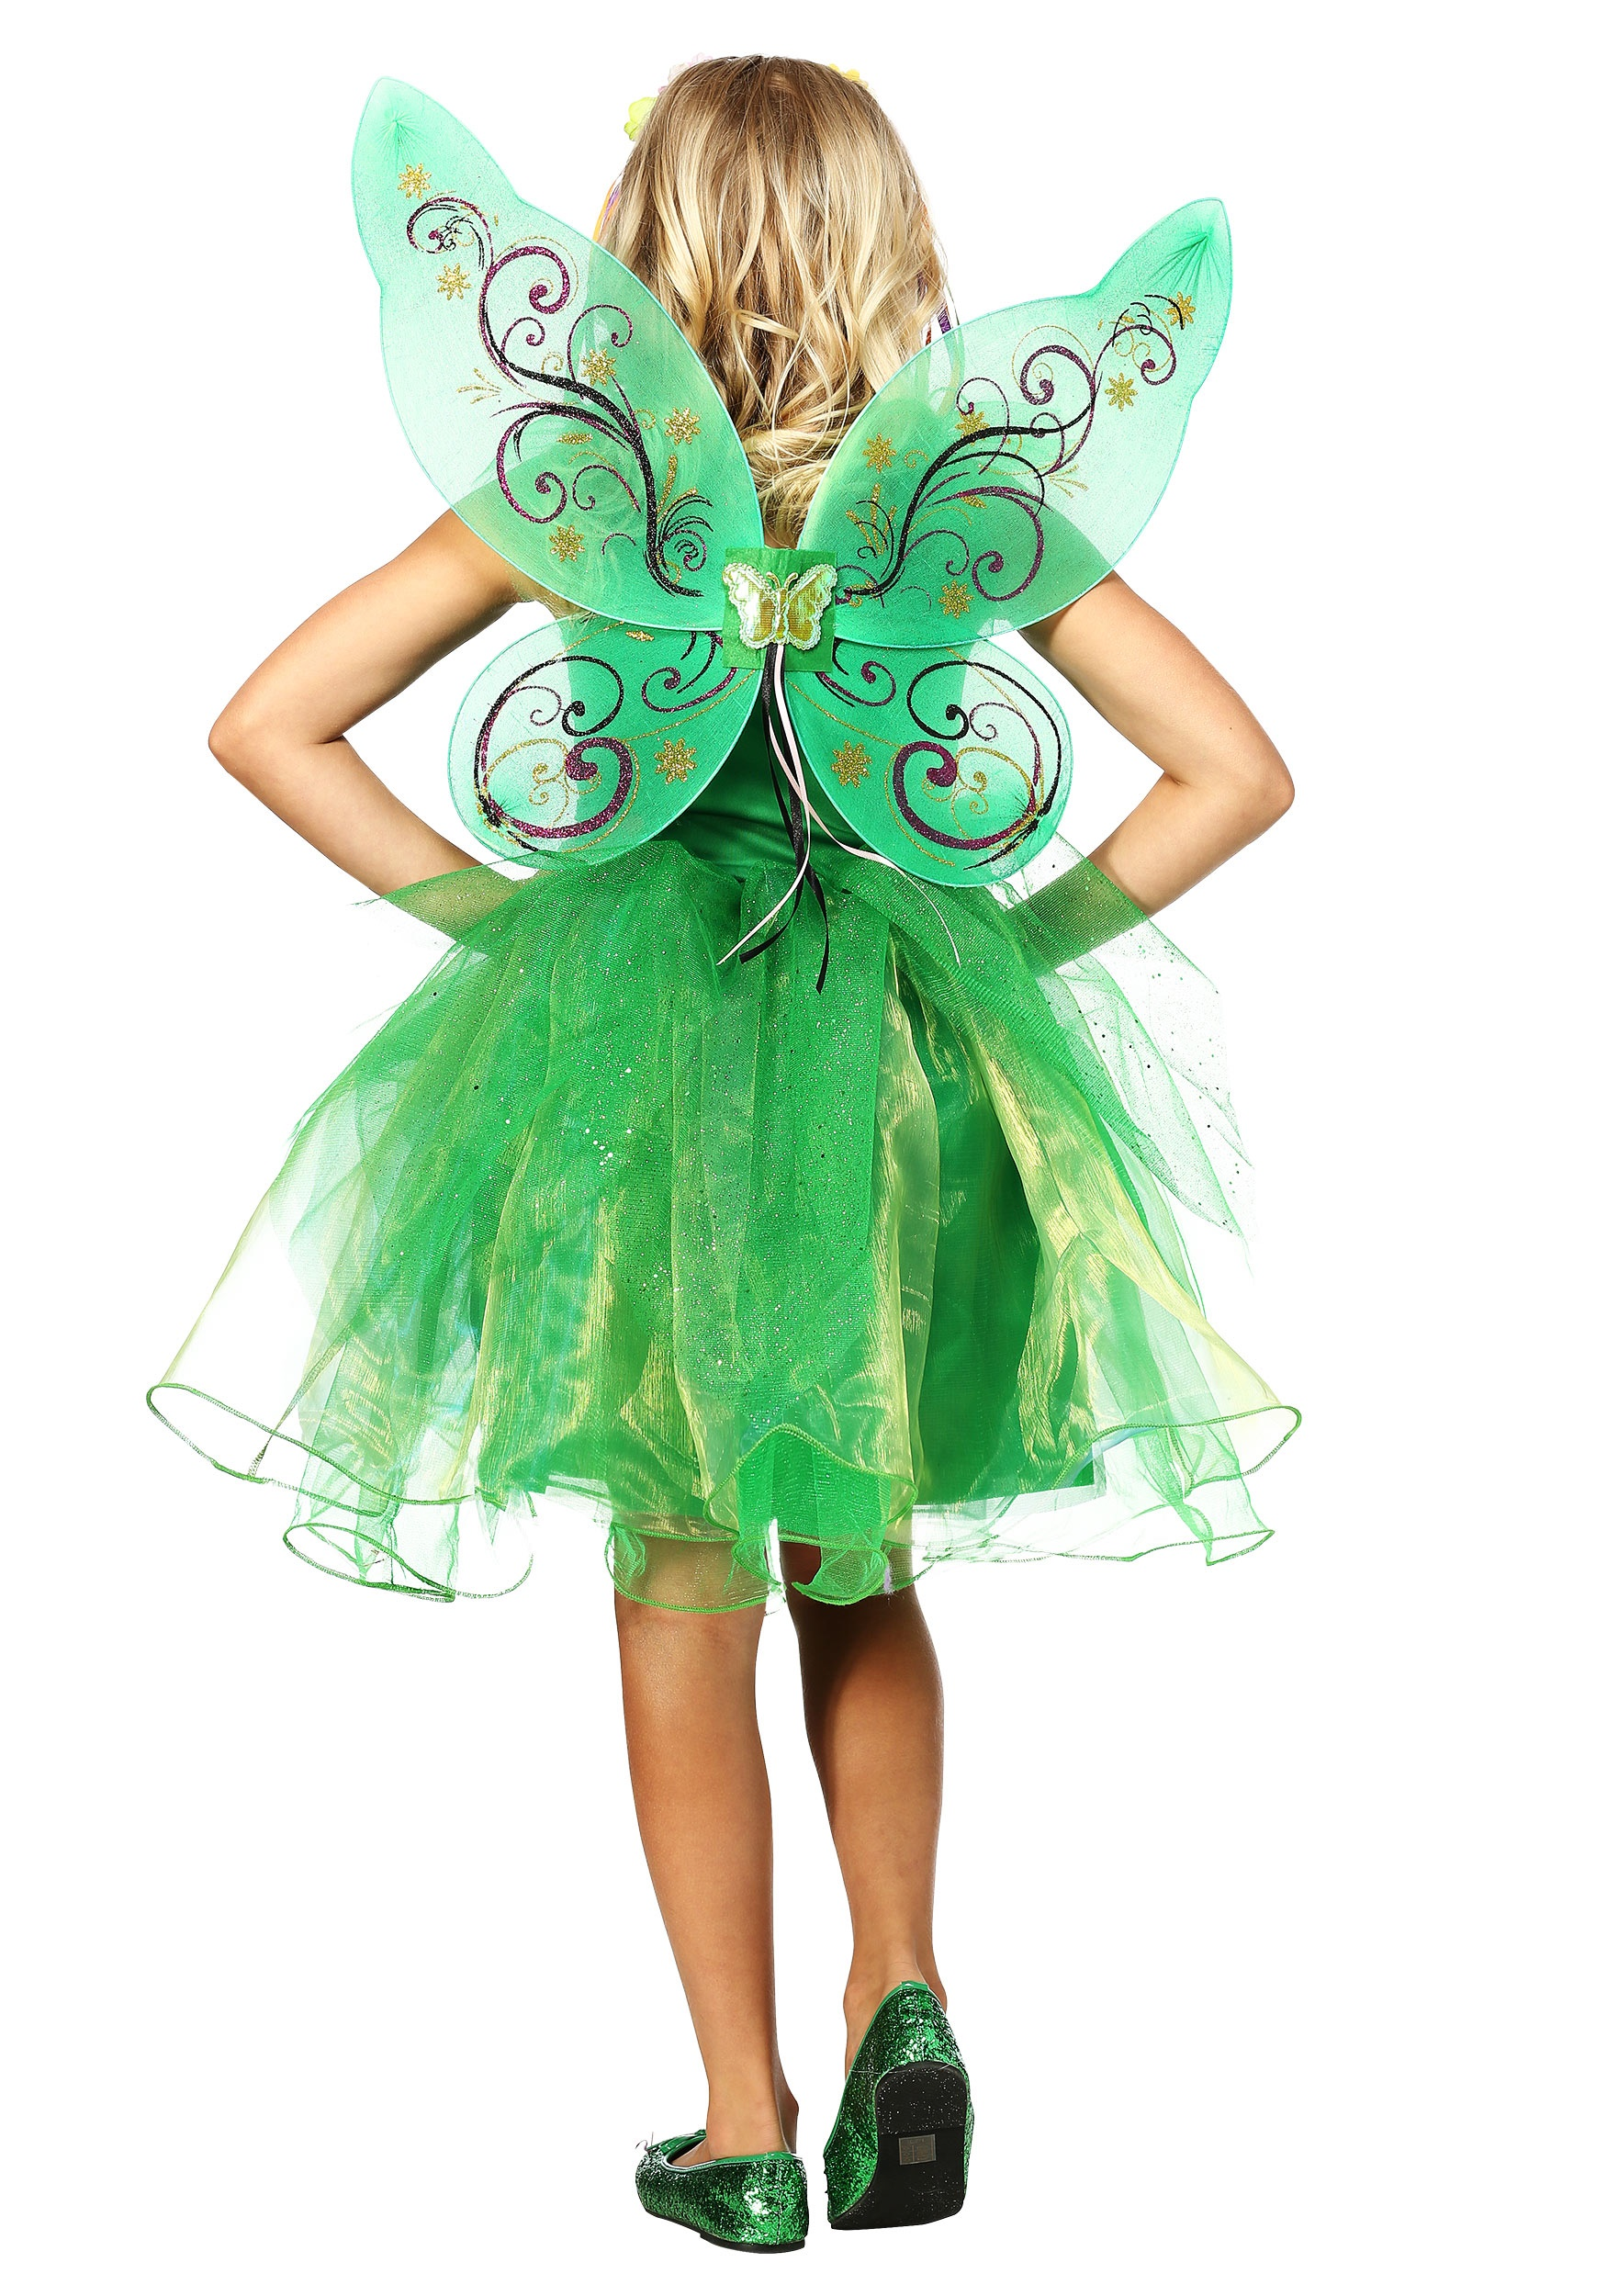 Garden Fairy Costume For Girls Garden Fairy Costume For Girls alt 1  sc 1 st  Fun.com & Kids Garden Fairy Costume